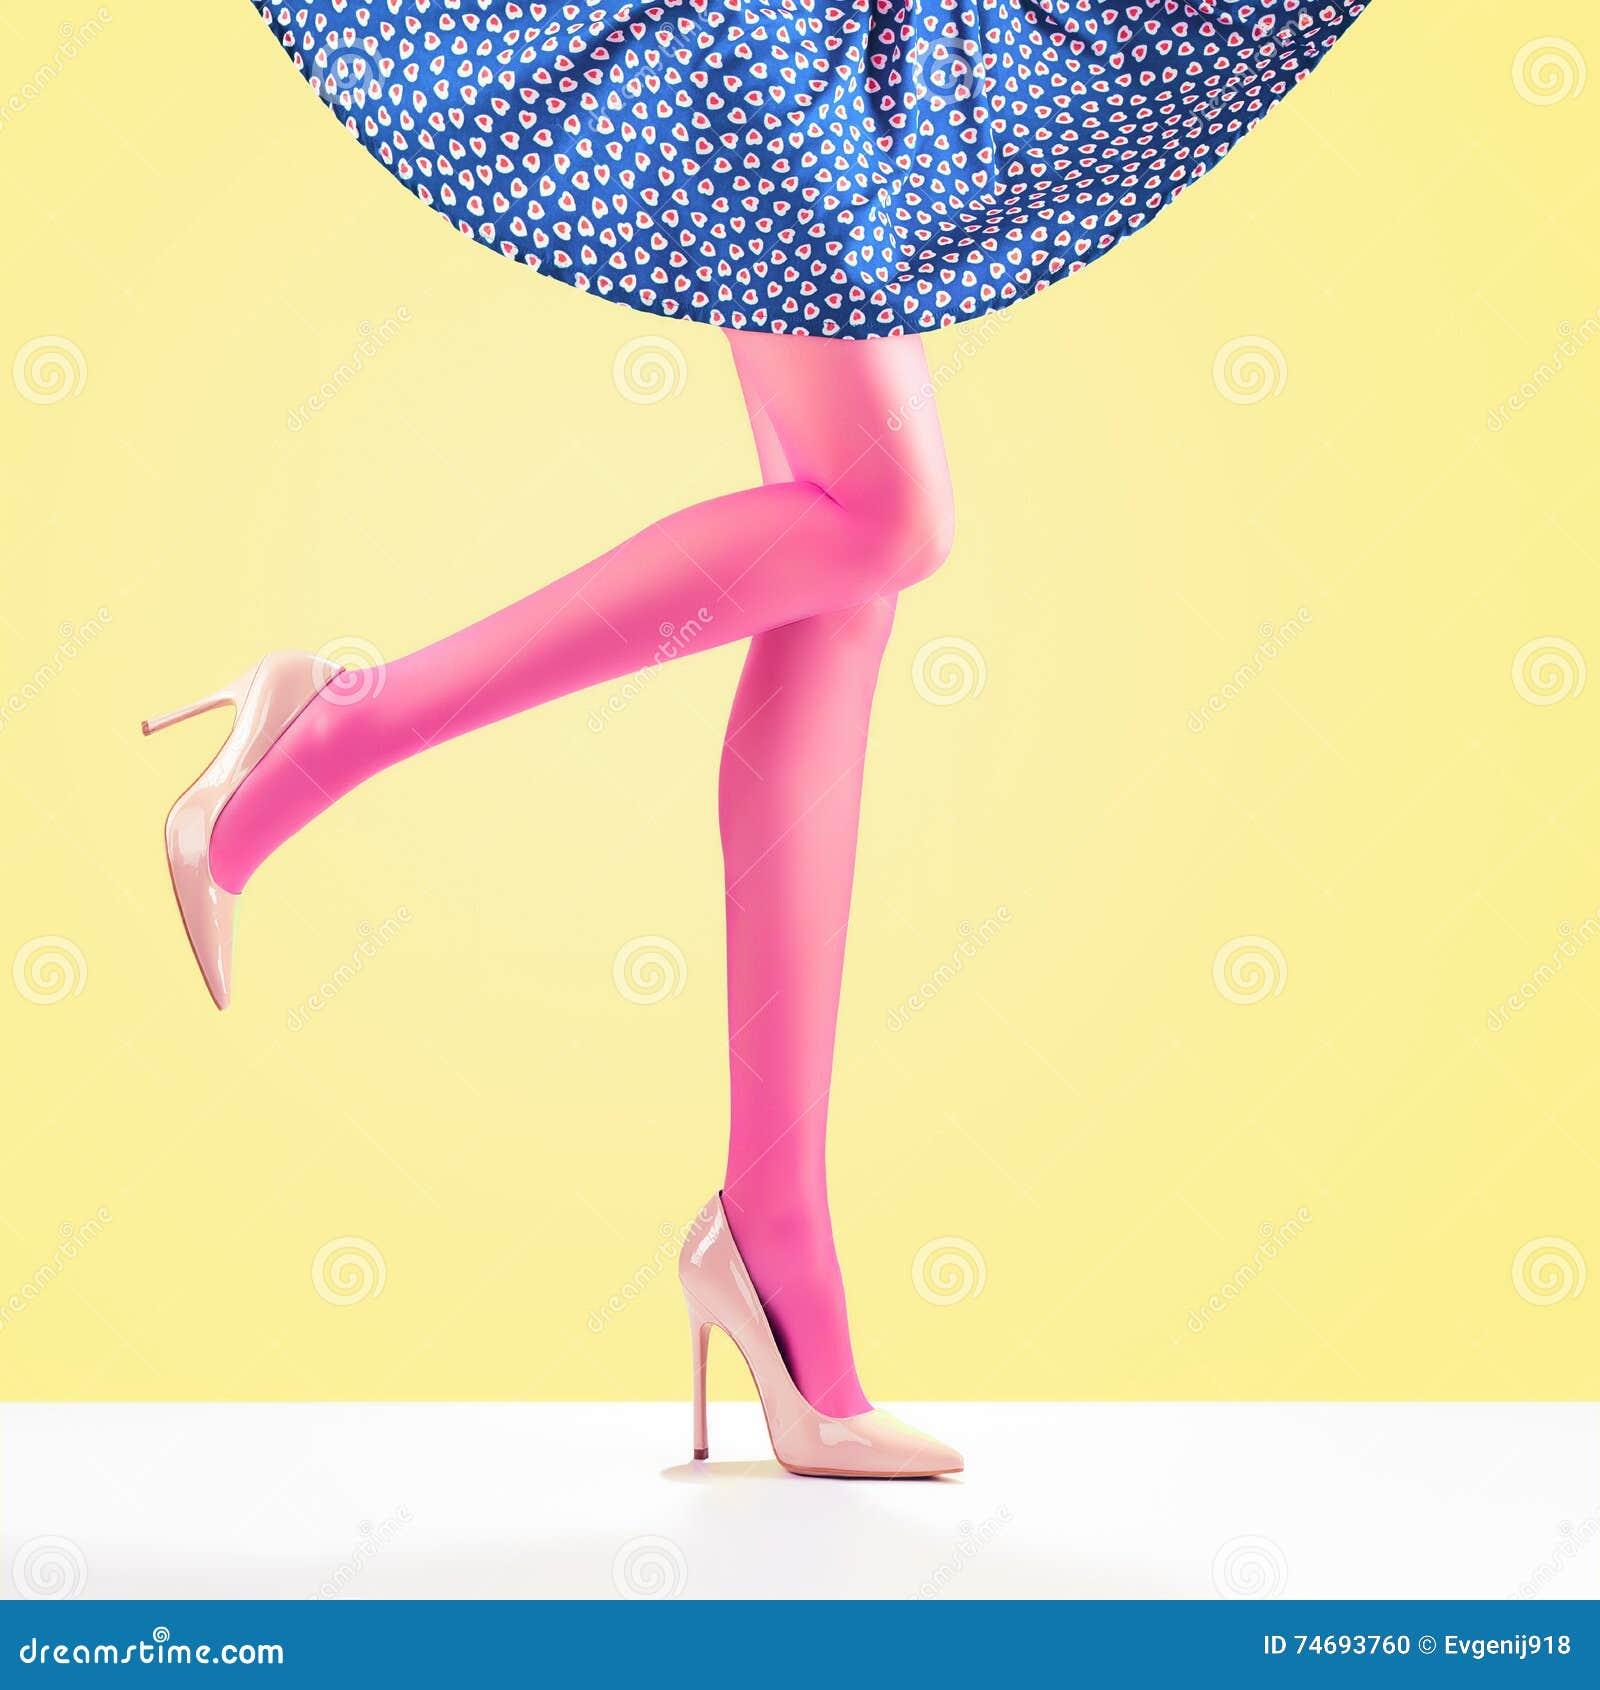 Girls high kick skirt can